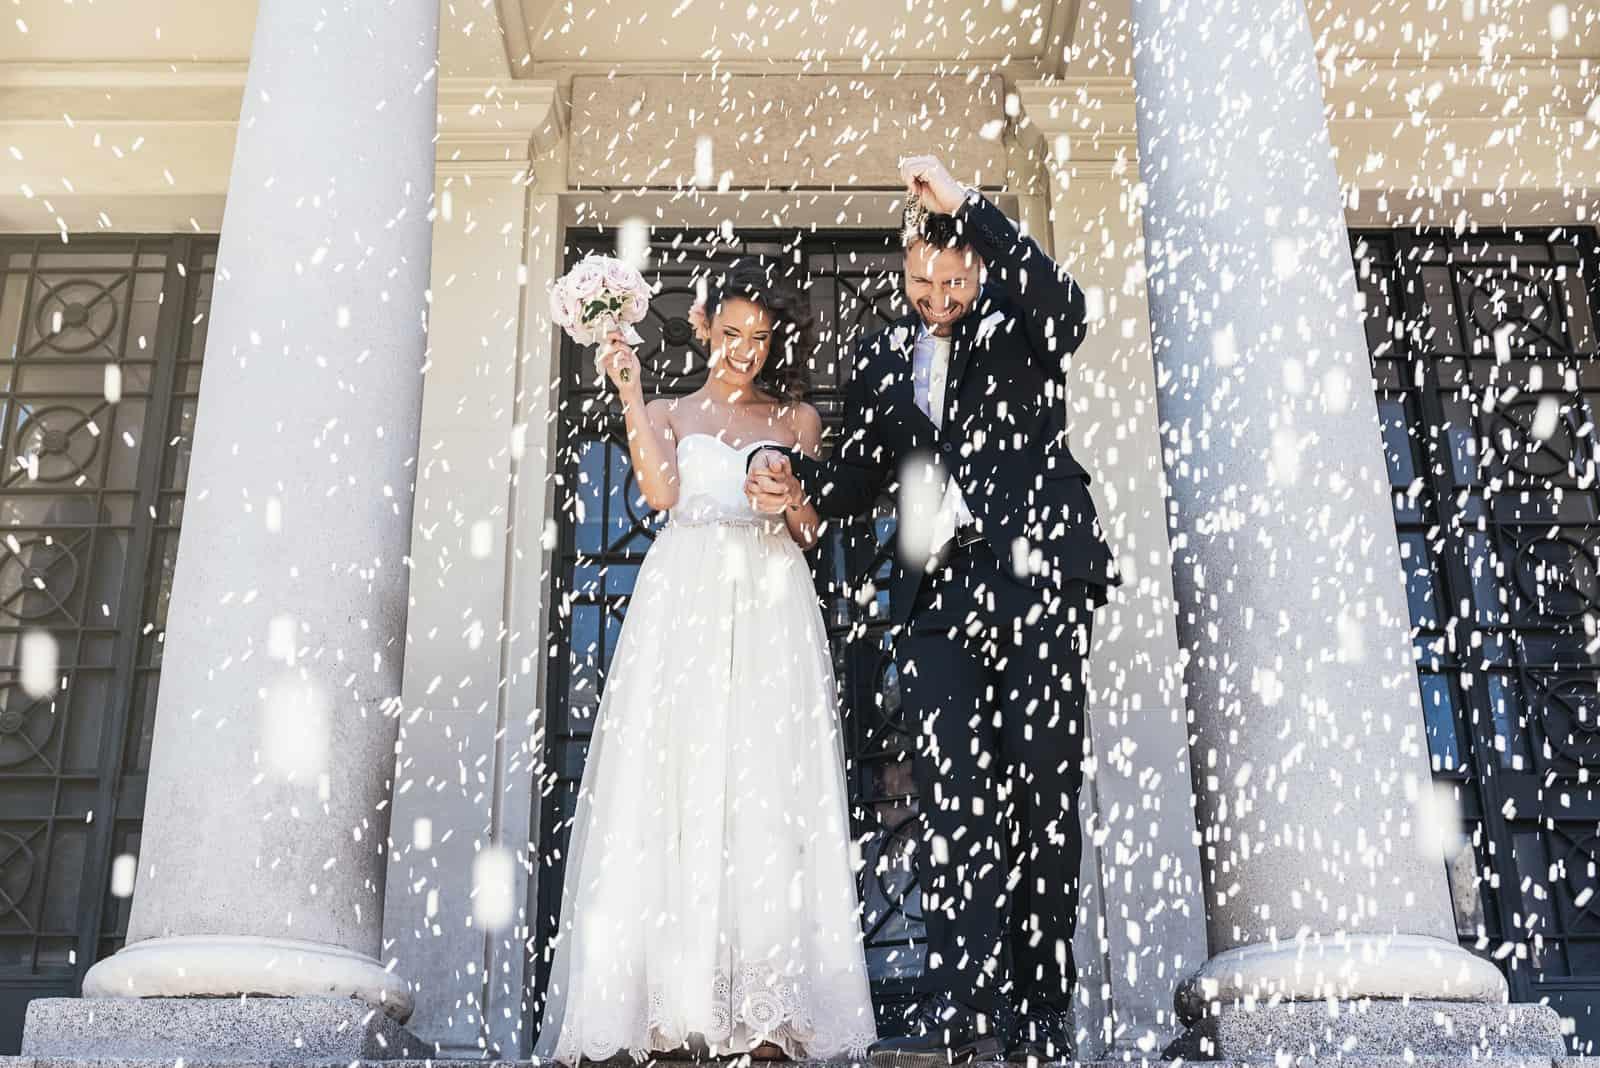 Frisch verheiratetes Paar, das die Kirche verlässt.